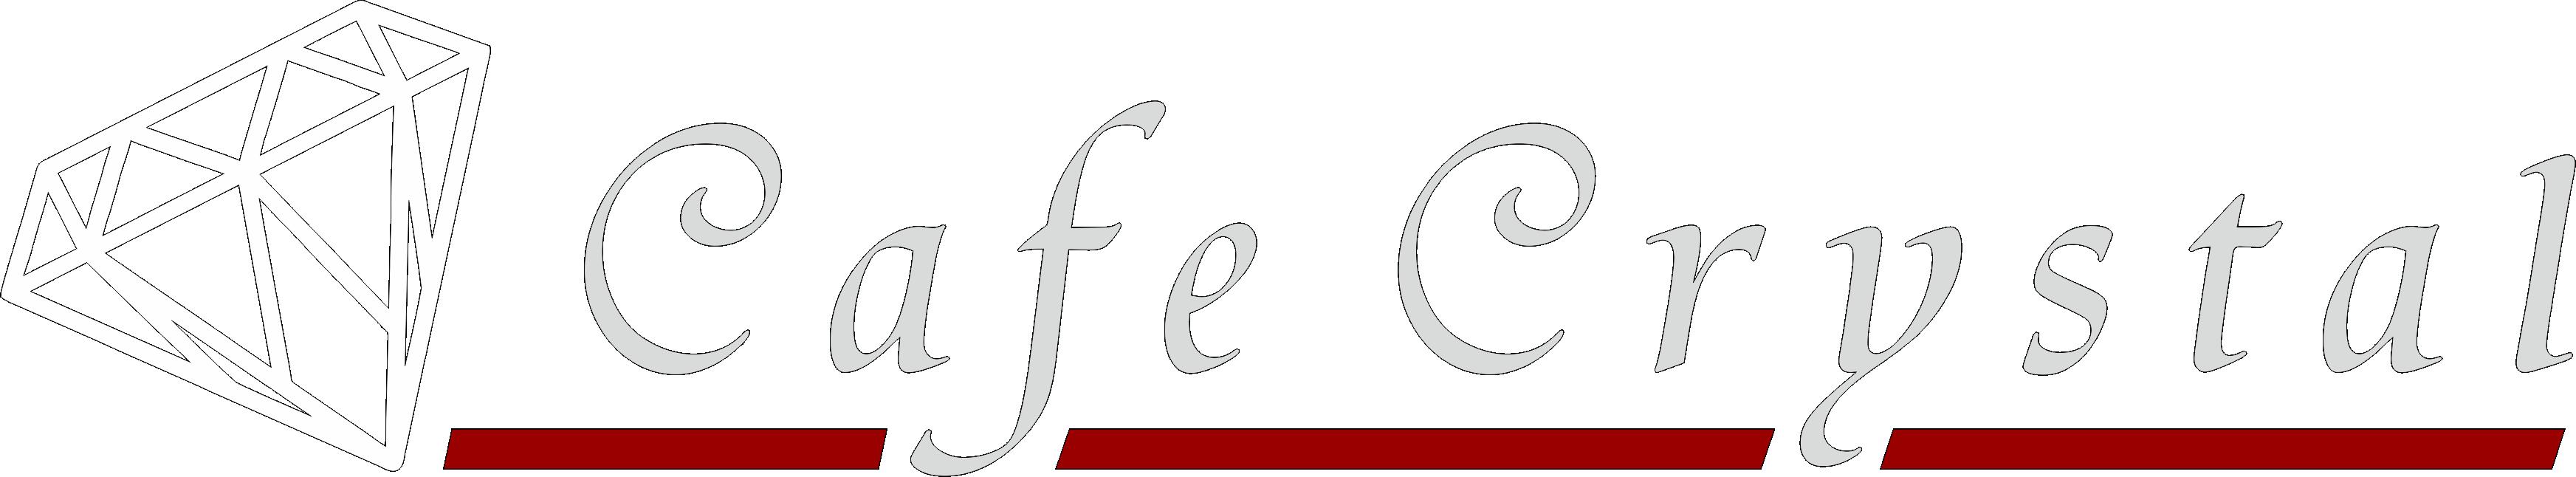 Cafe Crystal